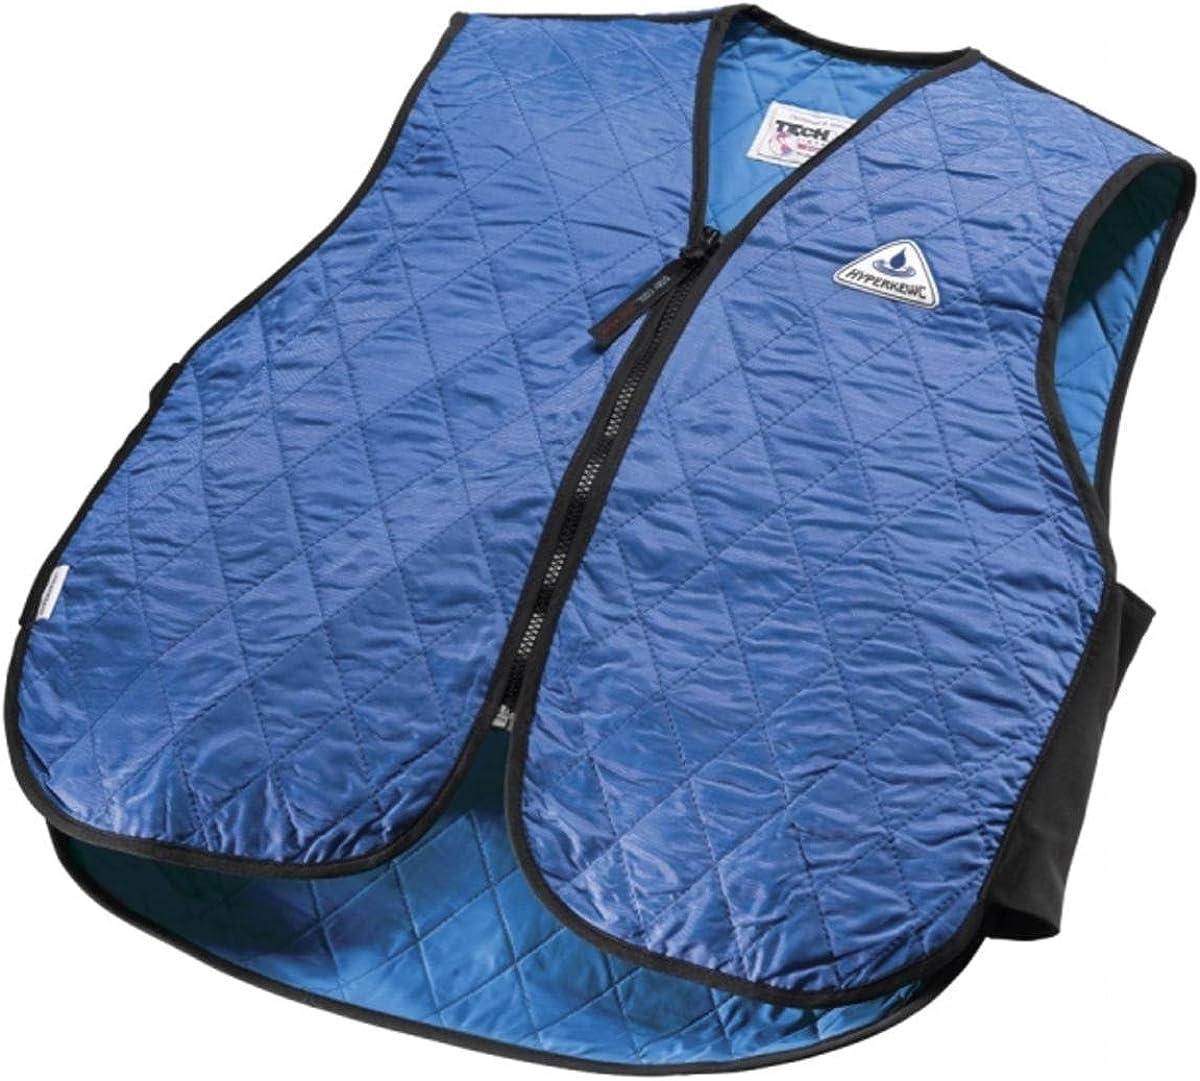 Techniche 6529-HV-L Evaporative Cooling Vest Large